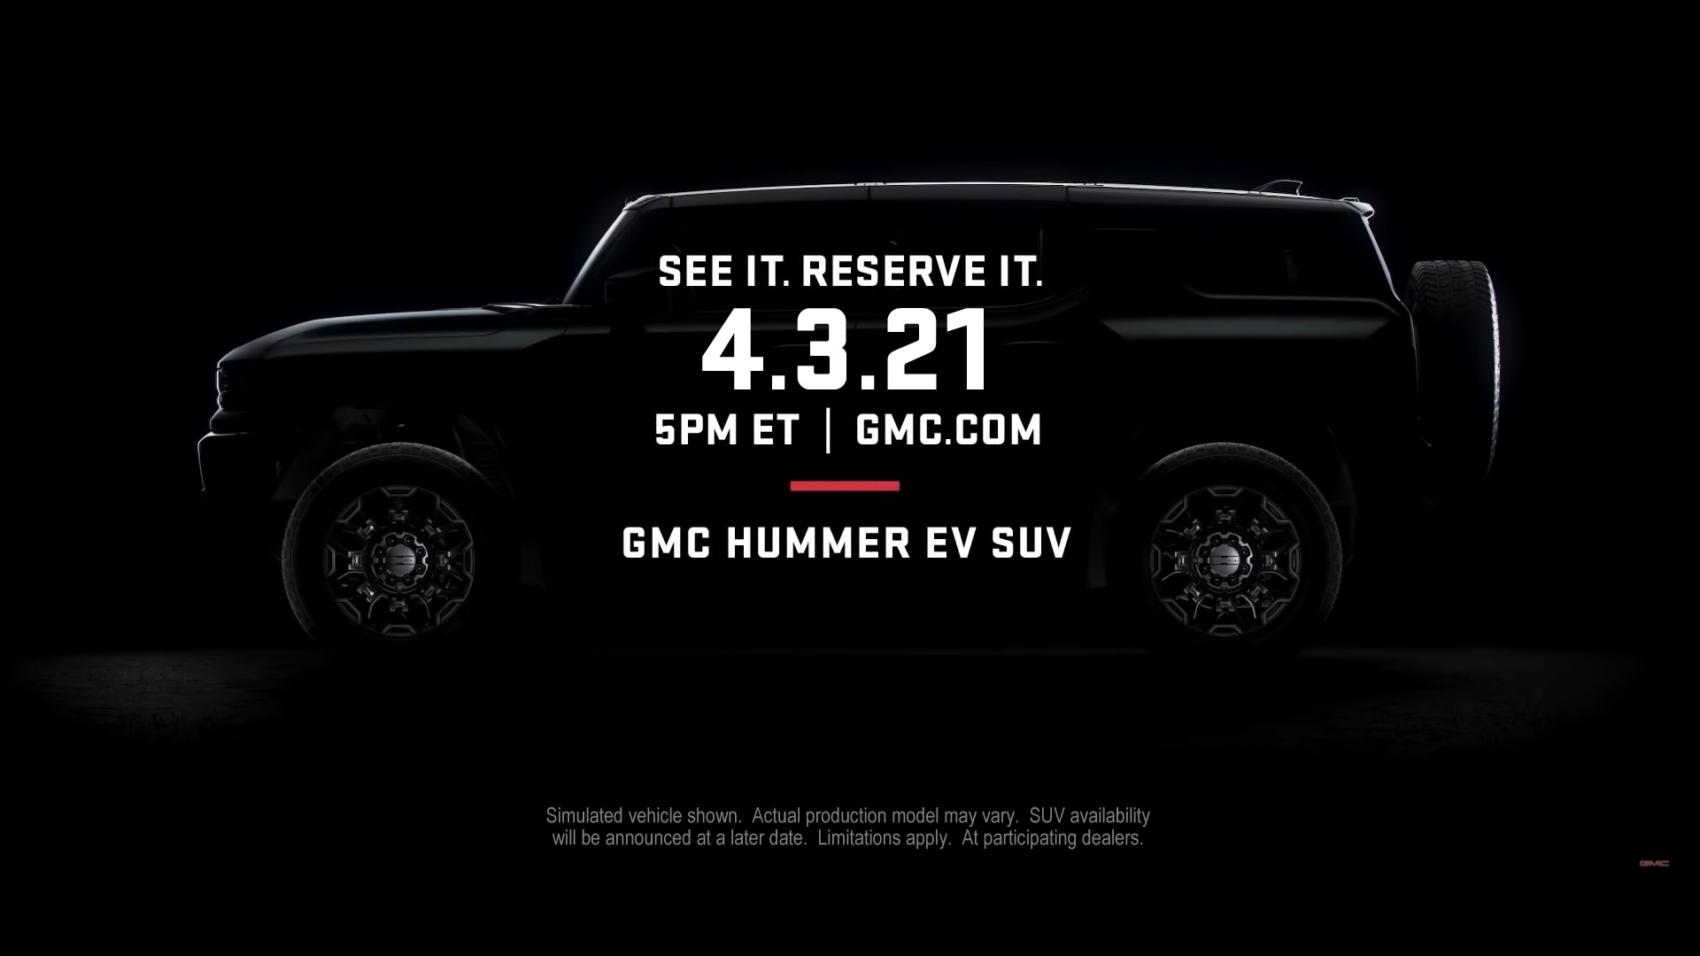 2022 GMC Hummer EV SUV teaser